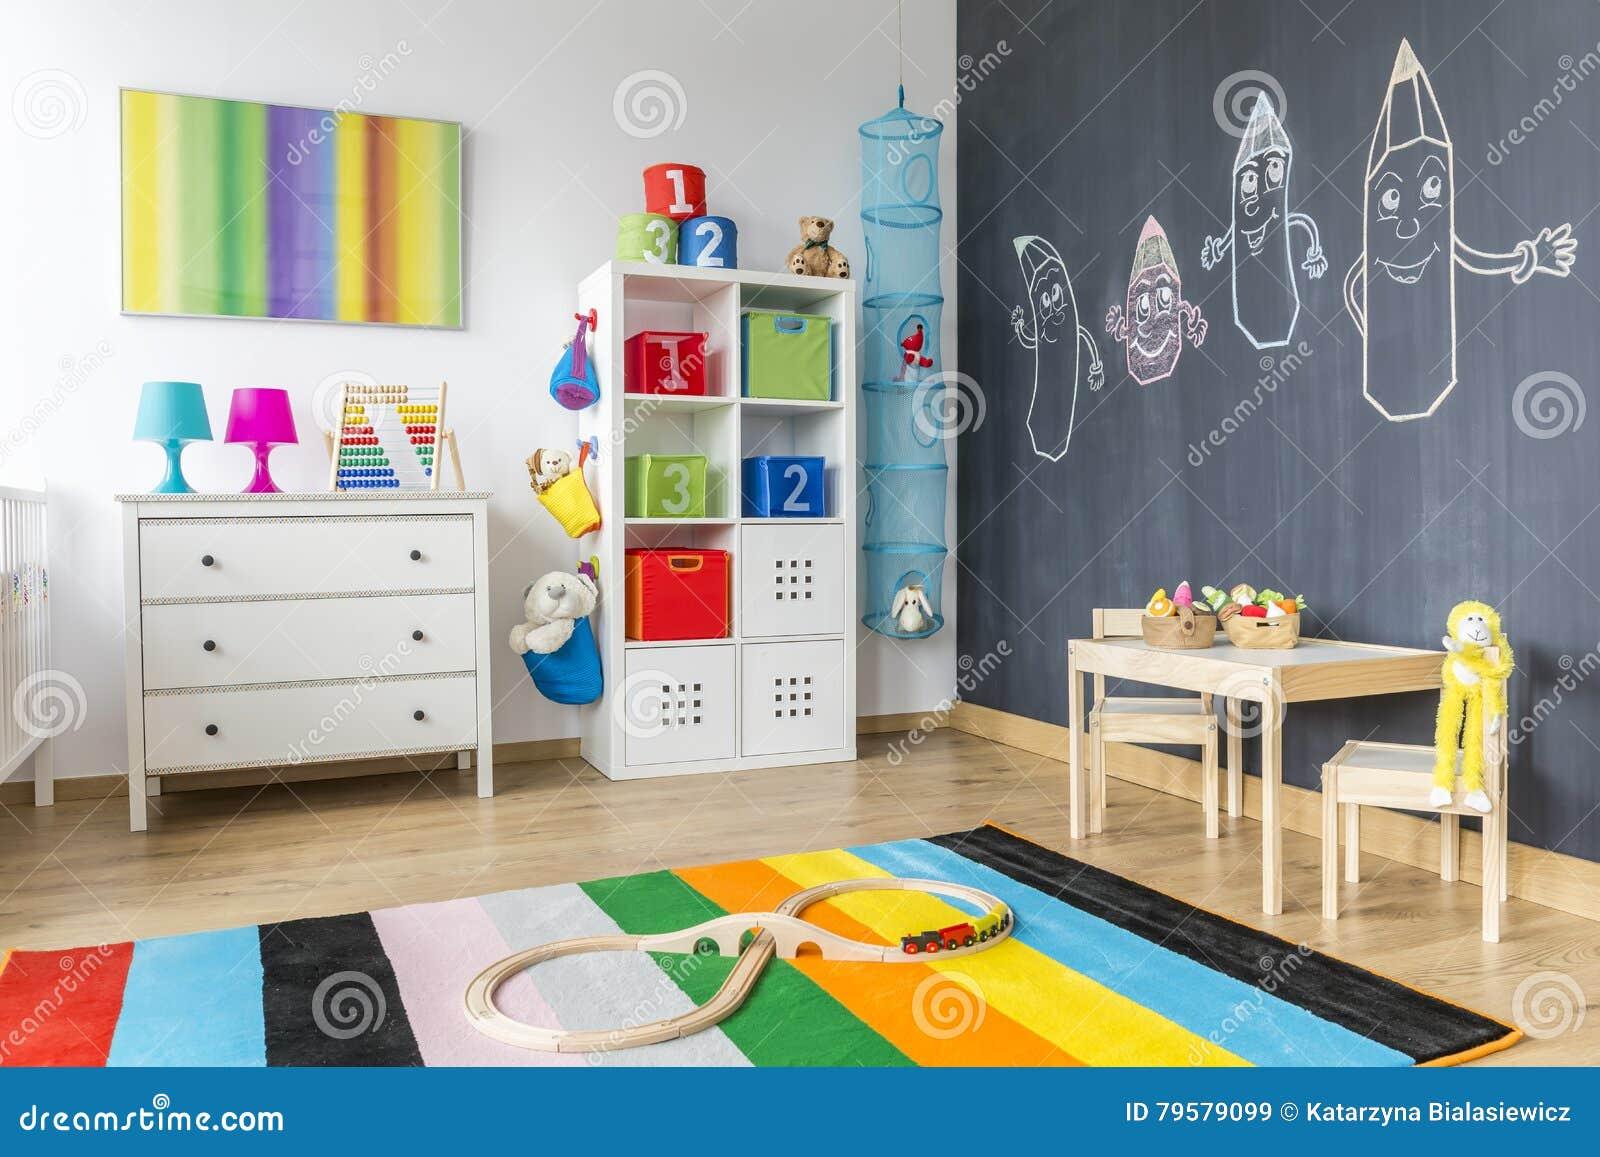 Chambre D\'enfant Avec La Couverture Colorée Image stock - Image du ...